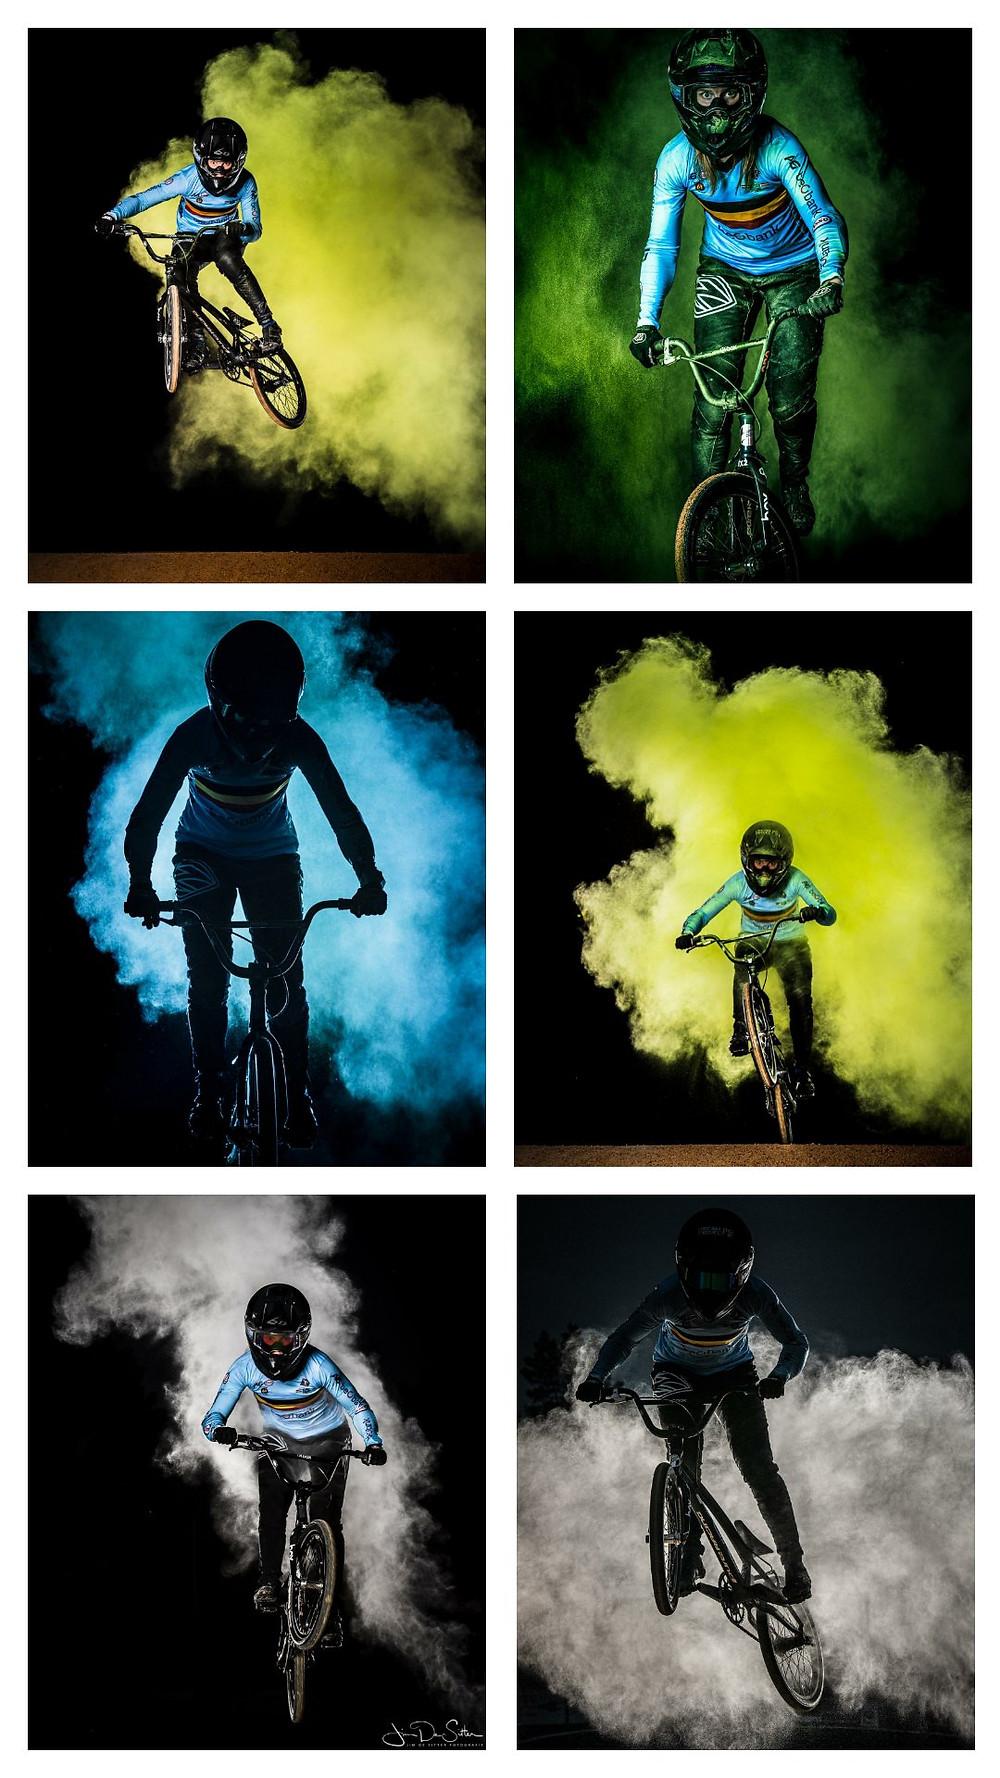 Elke Vanhoof powder photoshoot BMX